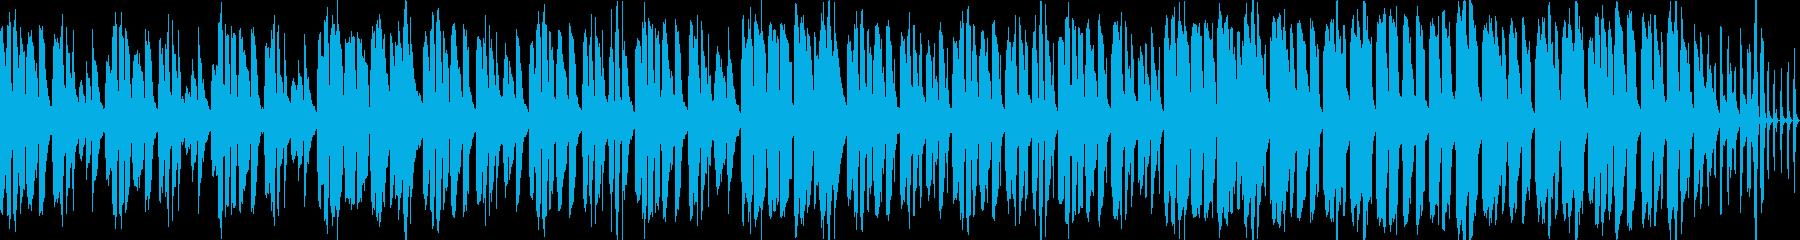 ゆる~いほのぼのかわいい鍵盤ハーモニカの再生済みの波形